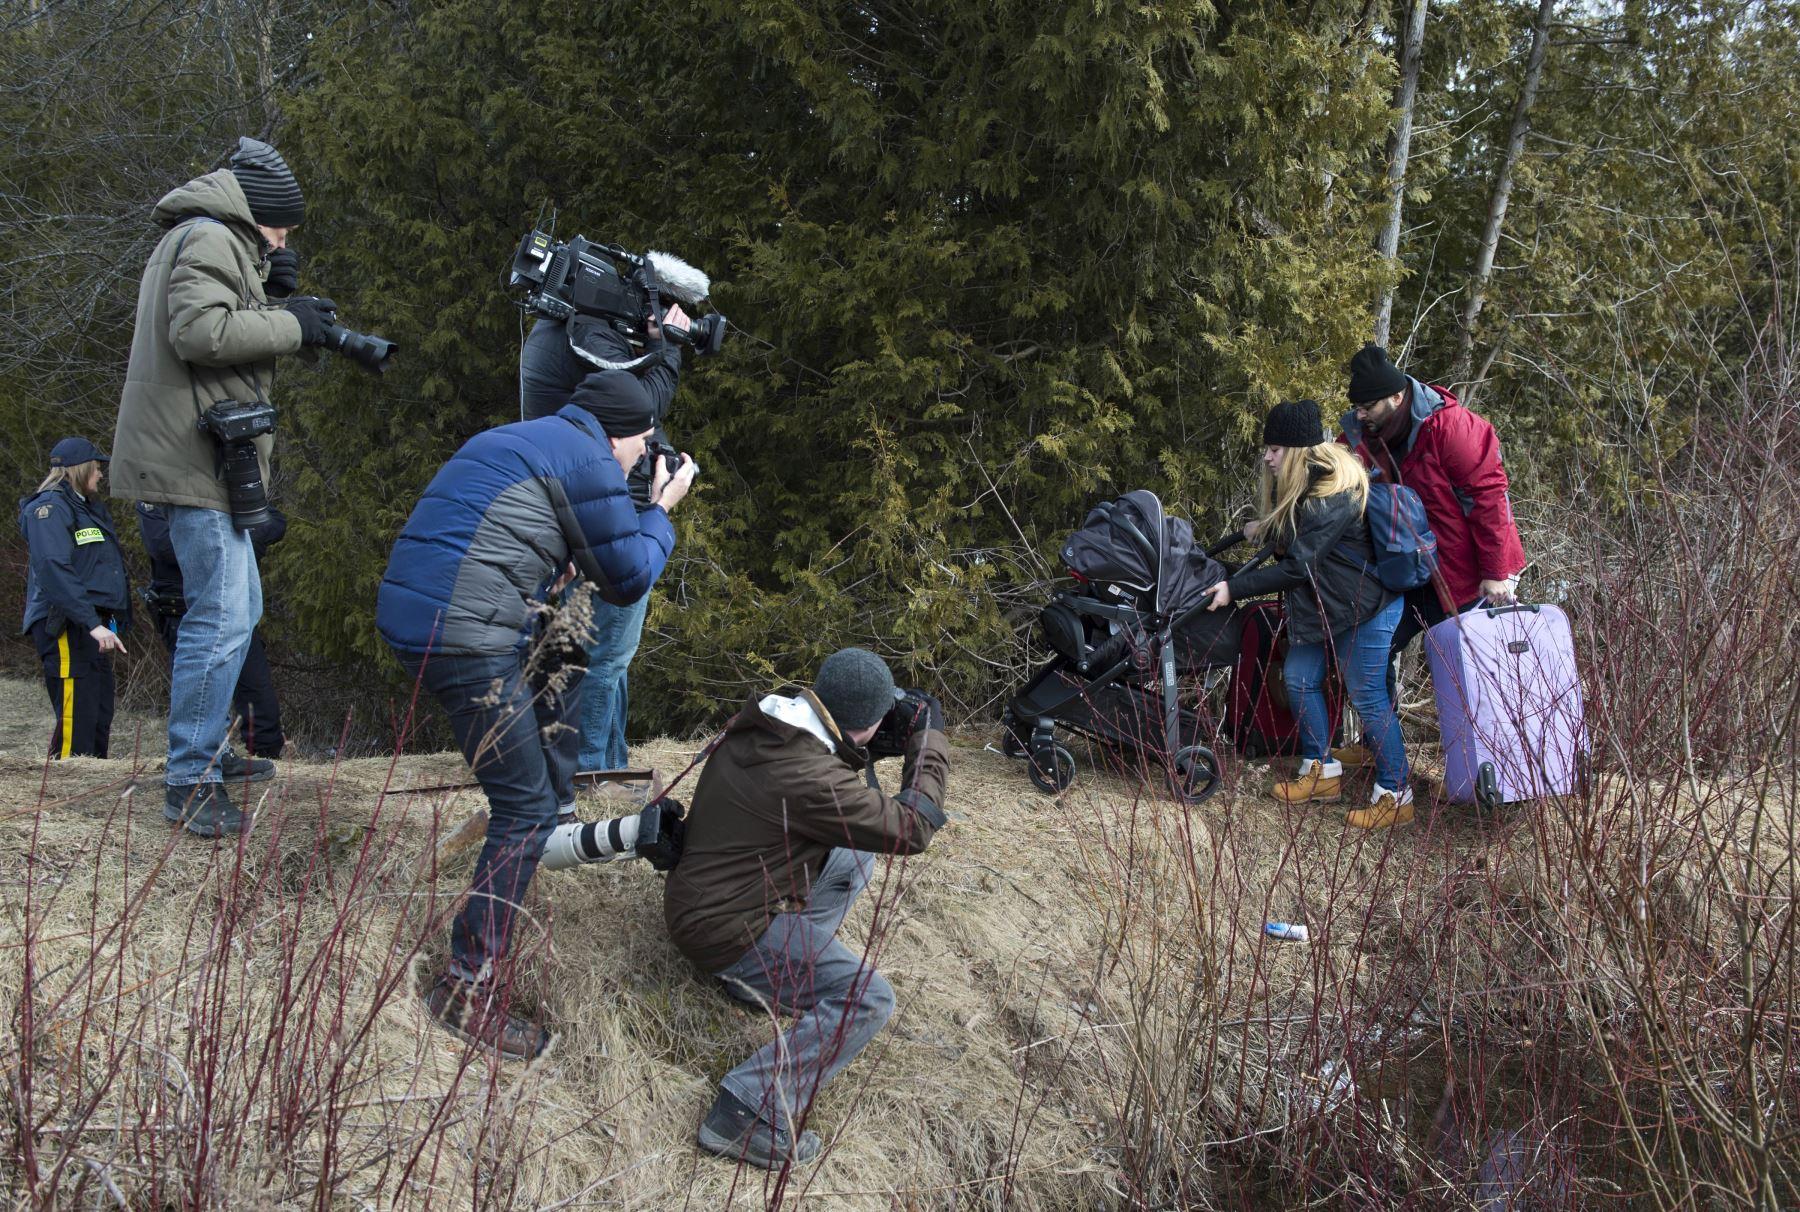 Miembros de la prensa fotografían a una pareja que decía ser de Turquía después de cruzar la frontera entre Estados Unidos y Canadá. Foto: AFP